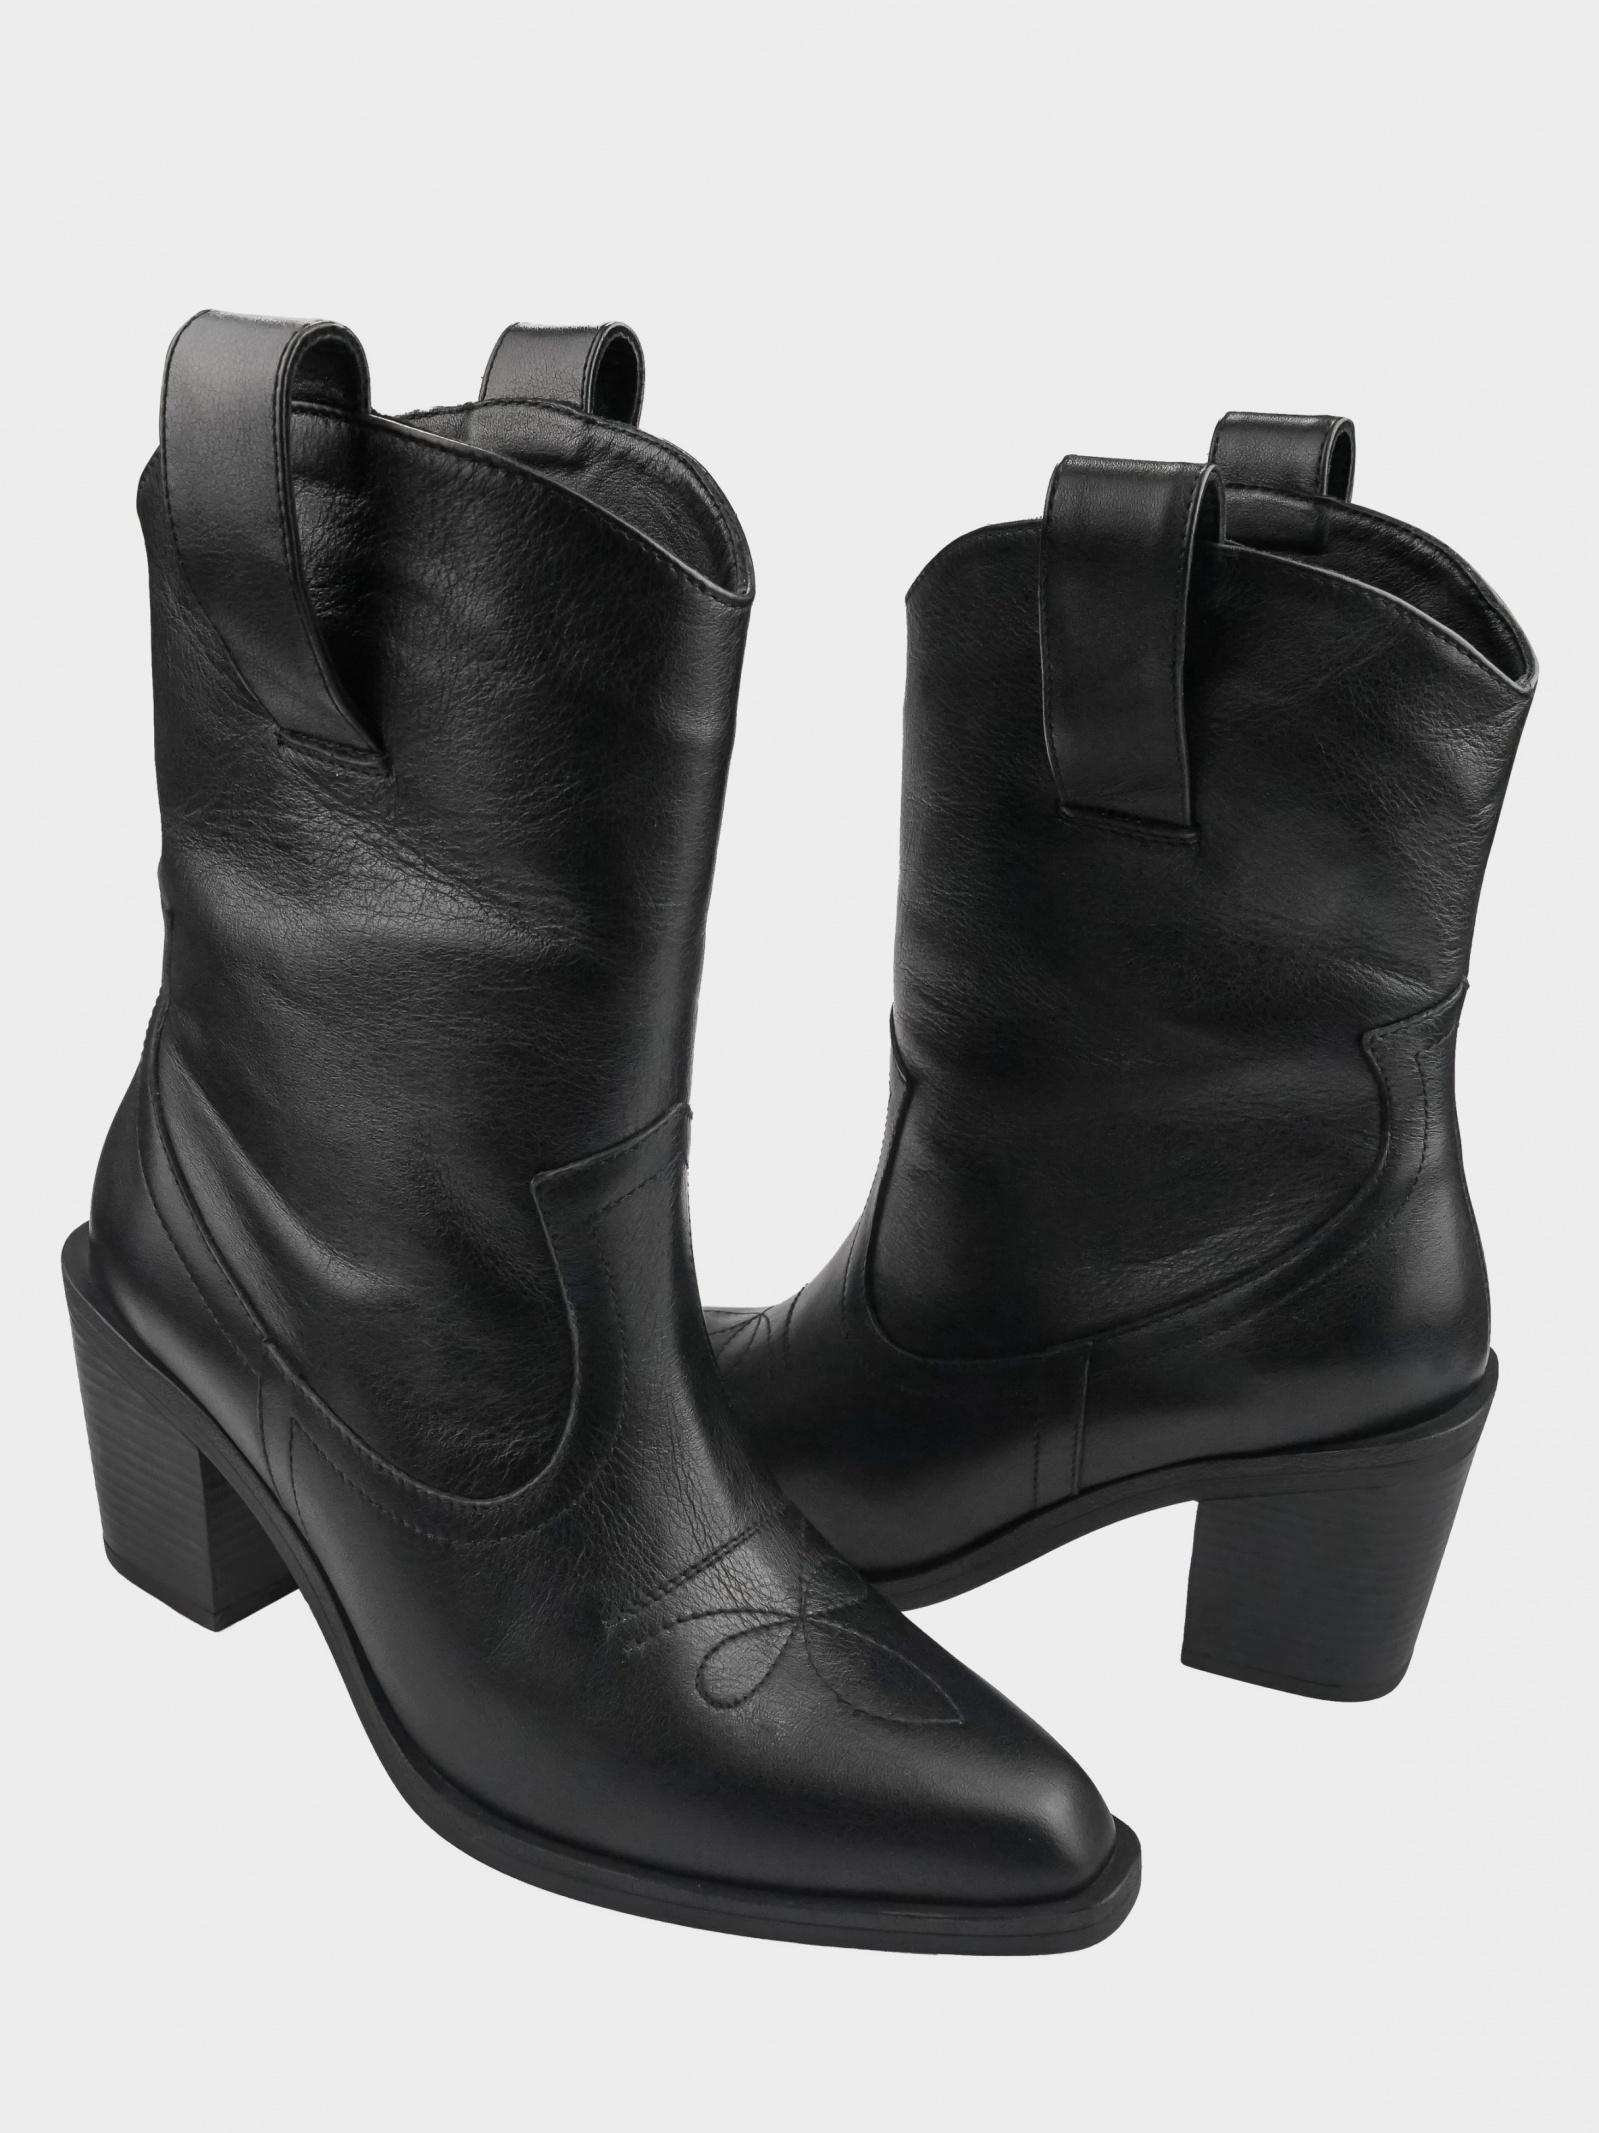 Ботинки для женщин Ботинки LO1525-01 модная обувь, 2017